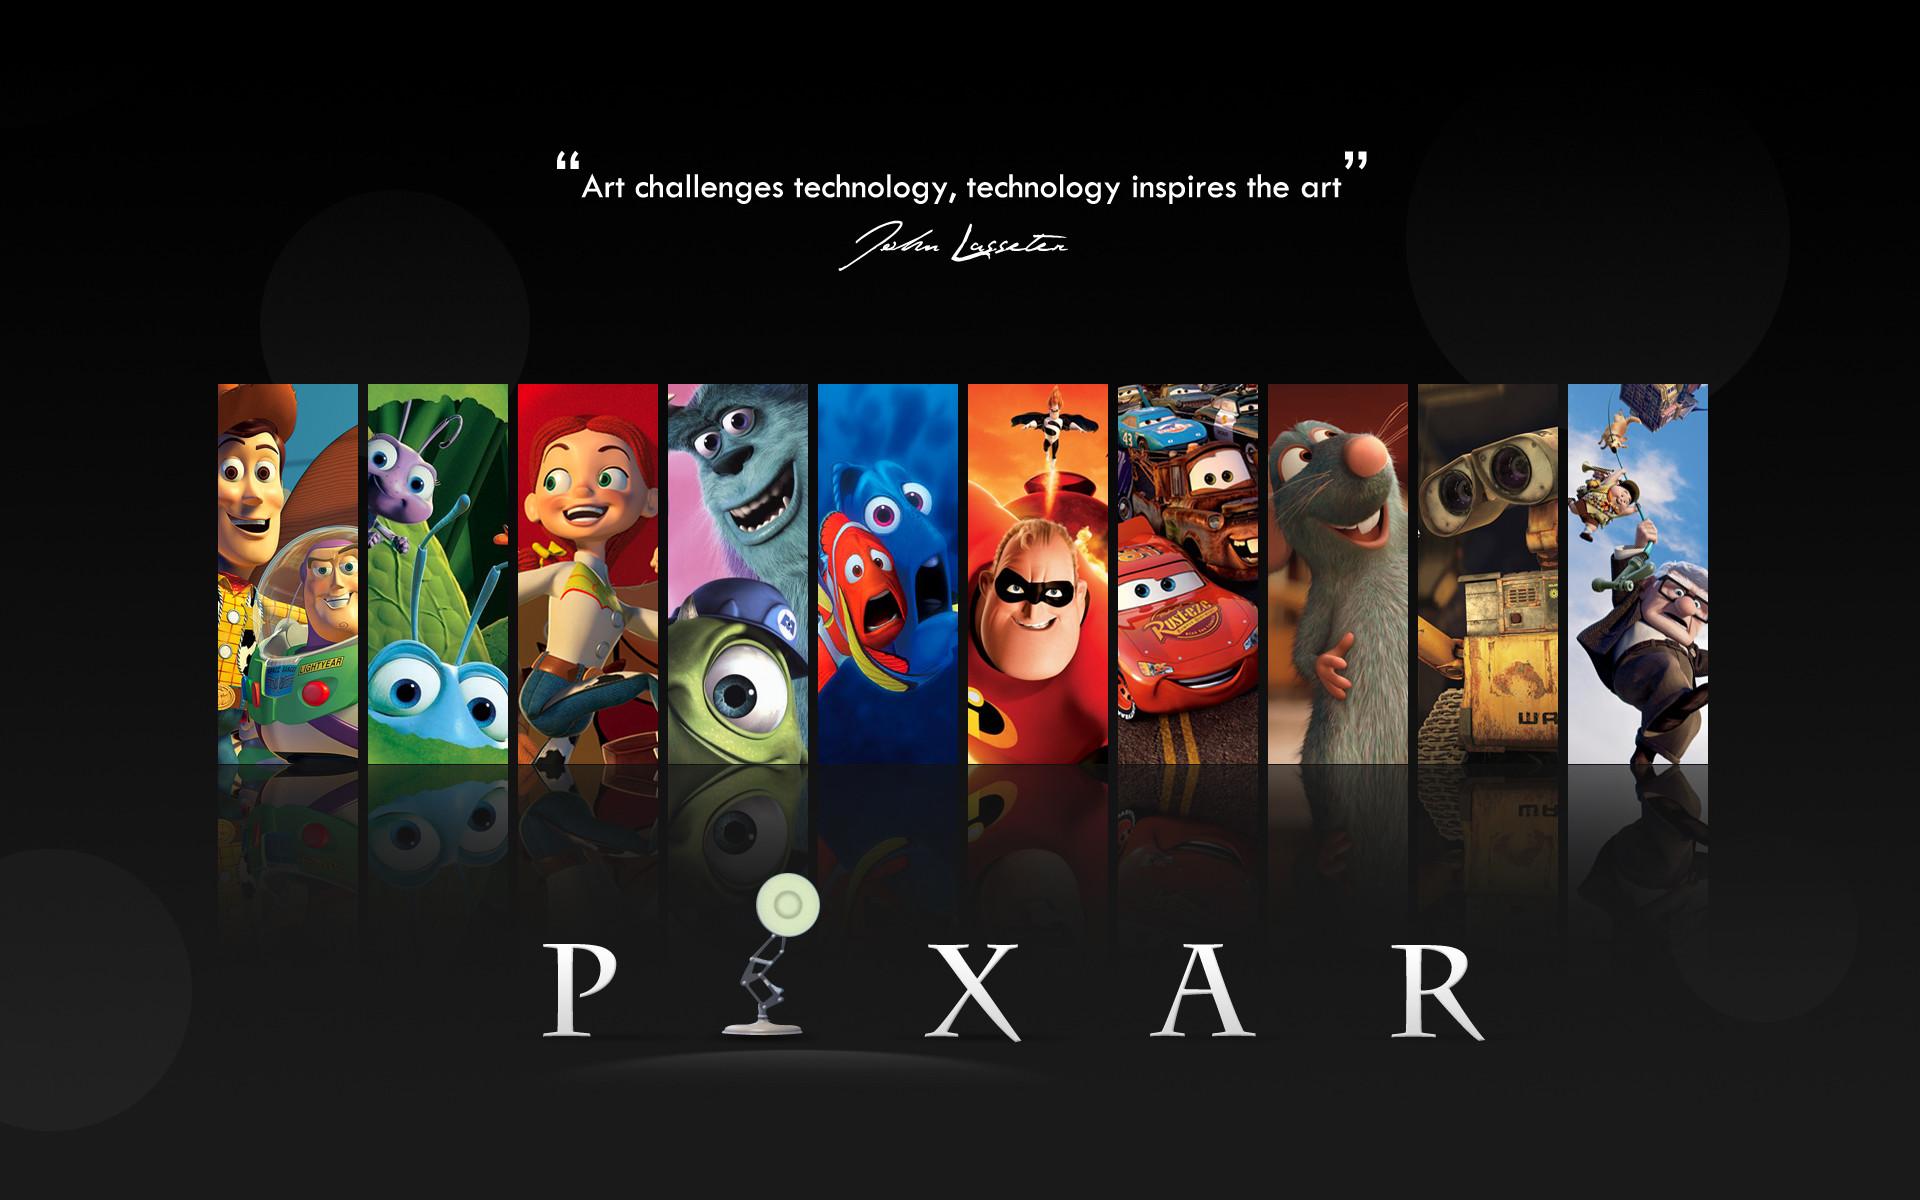 ratatouille full movie download